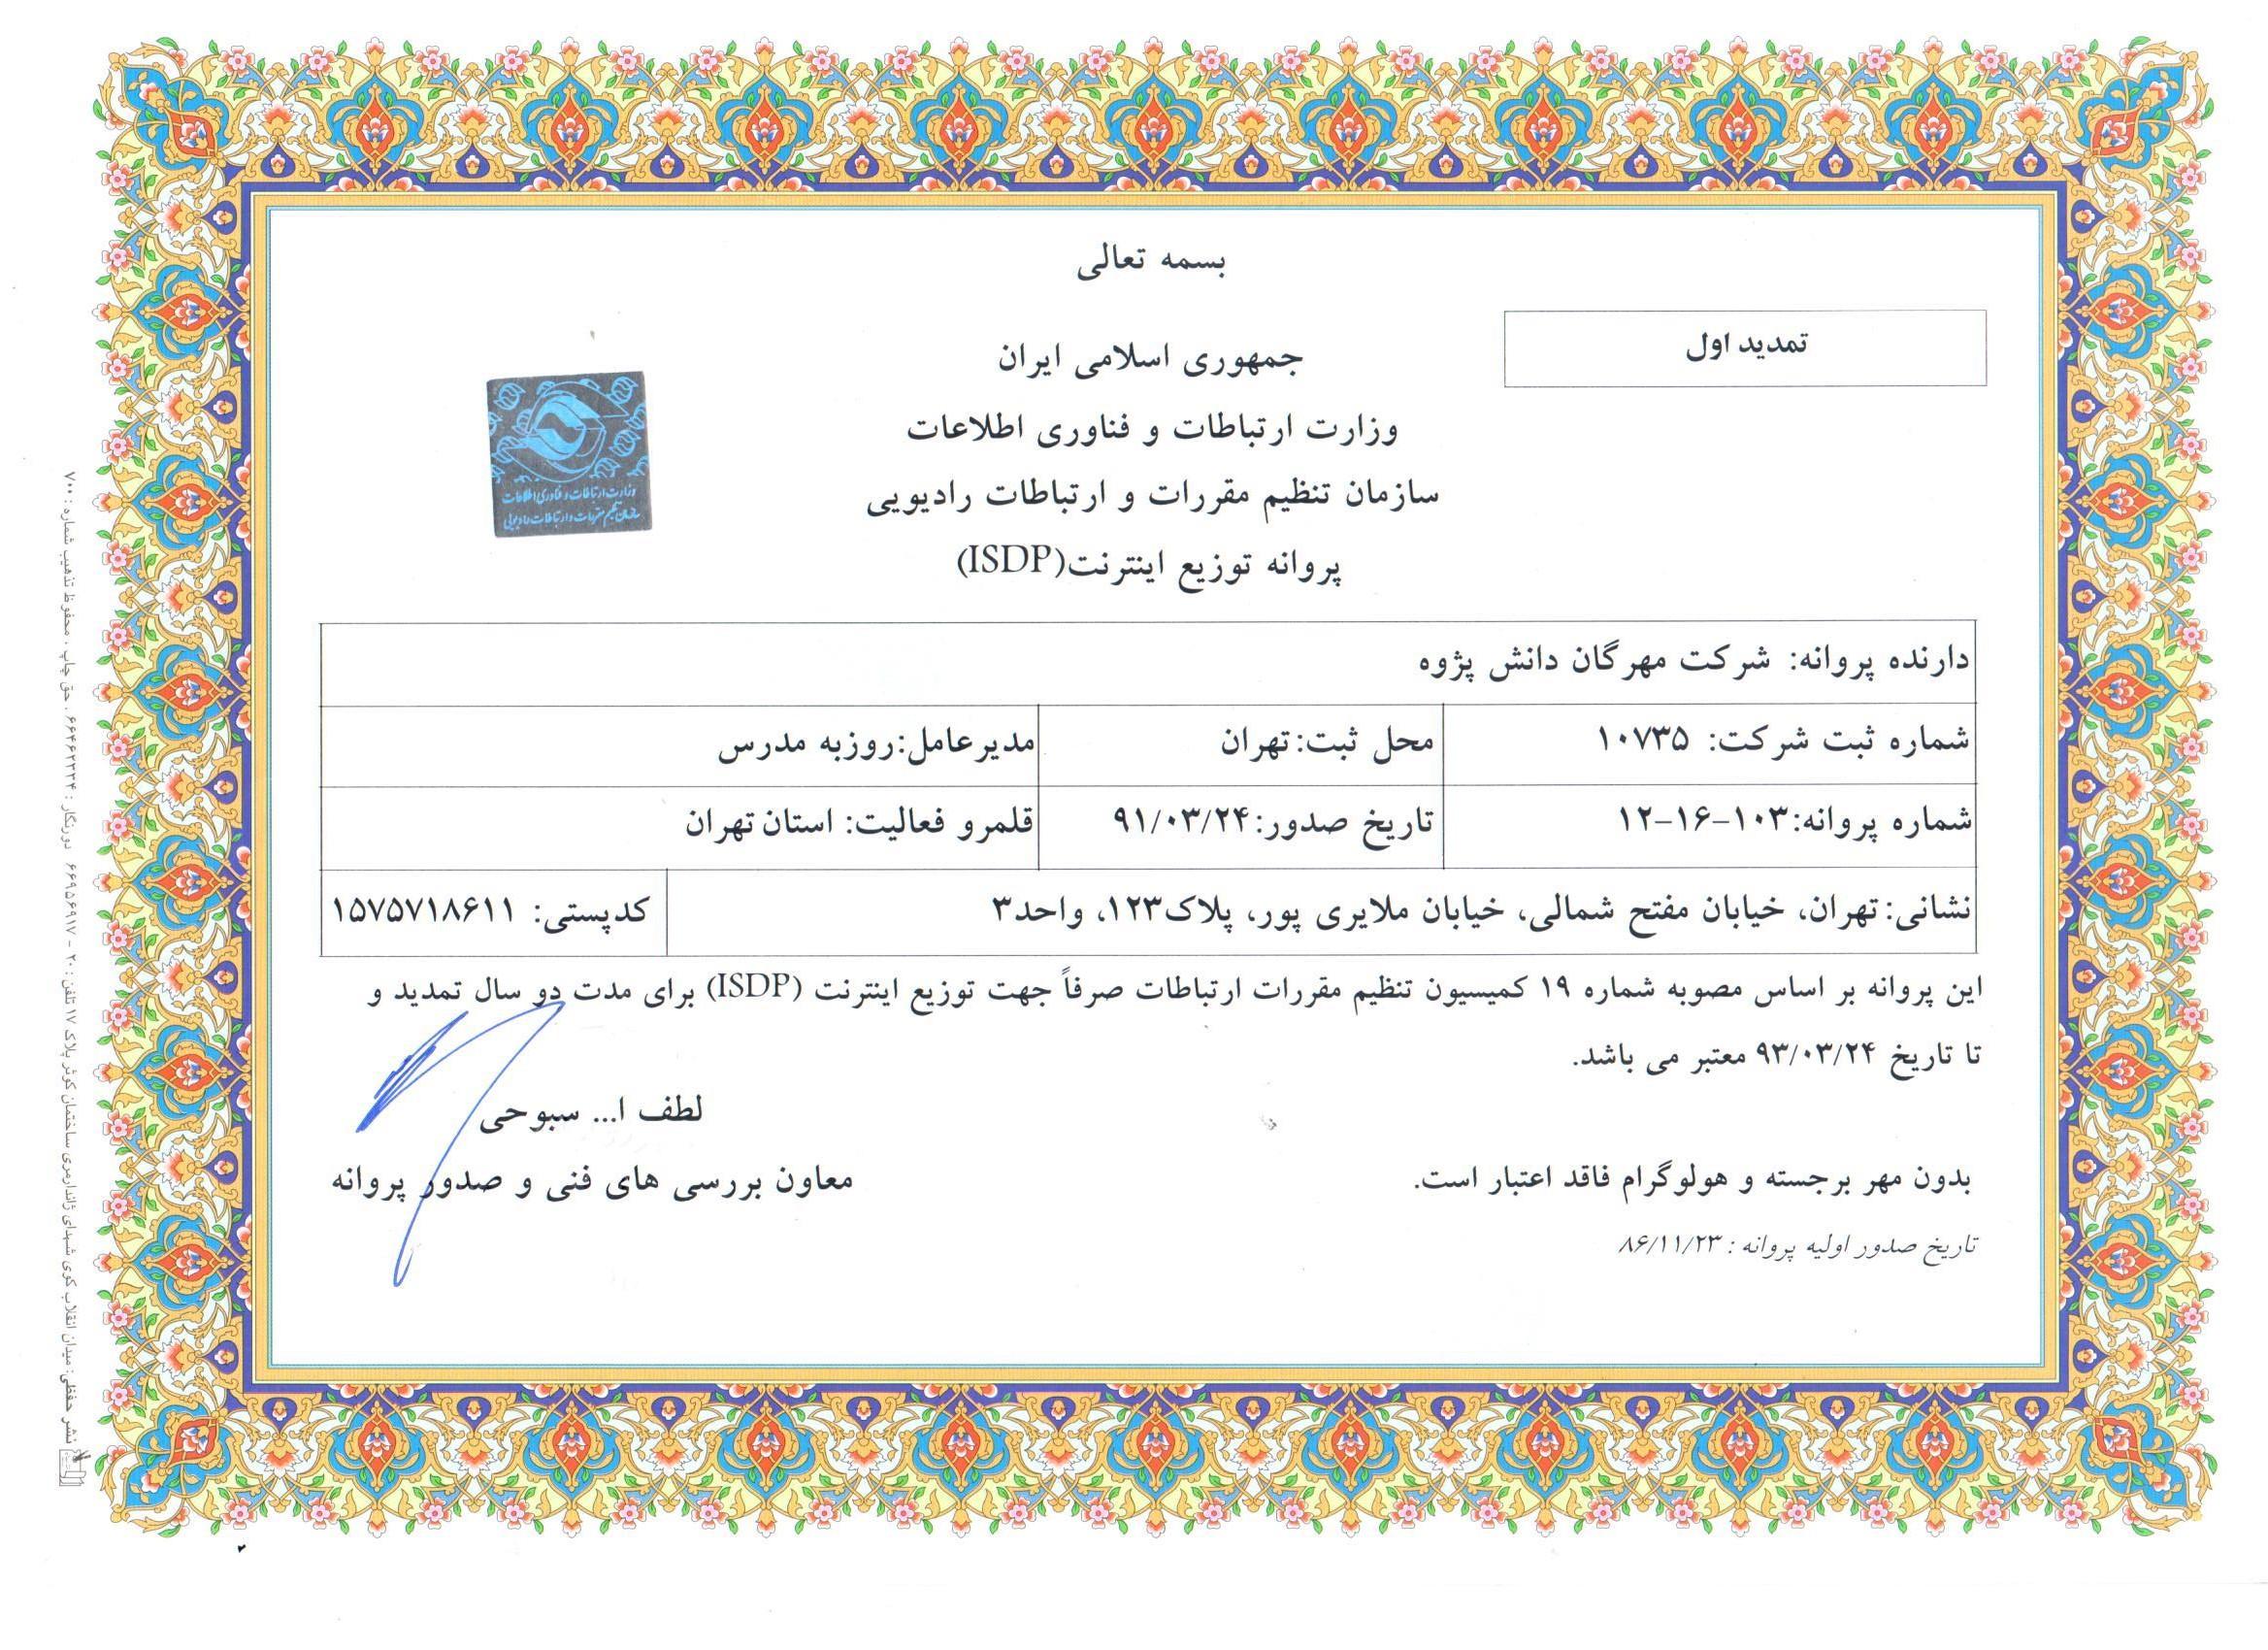 پروانه ISDP در استان تهران